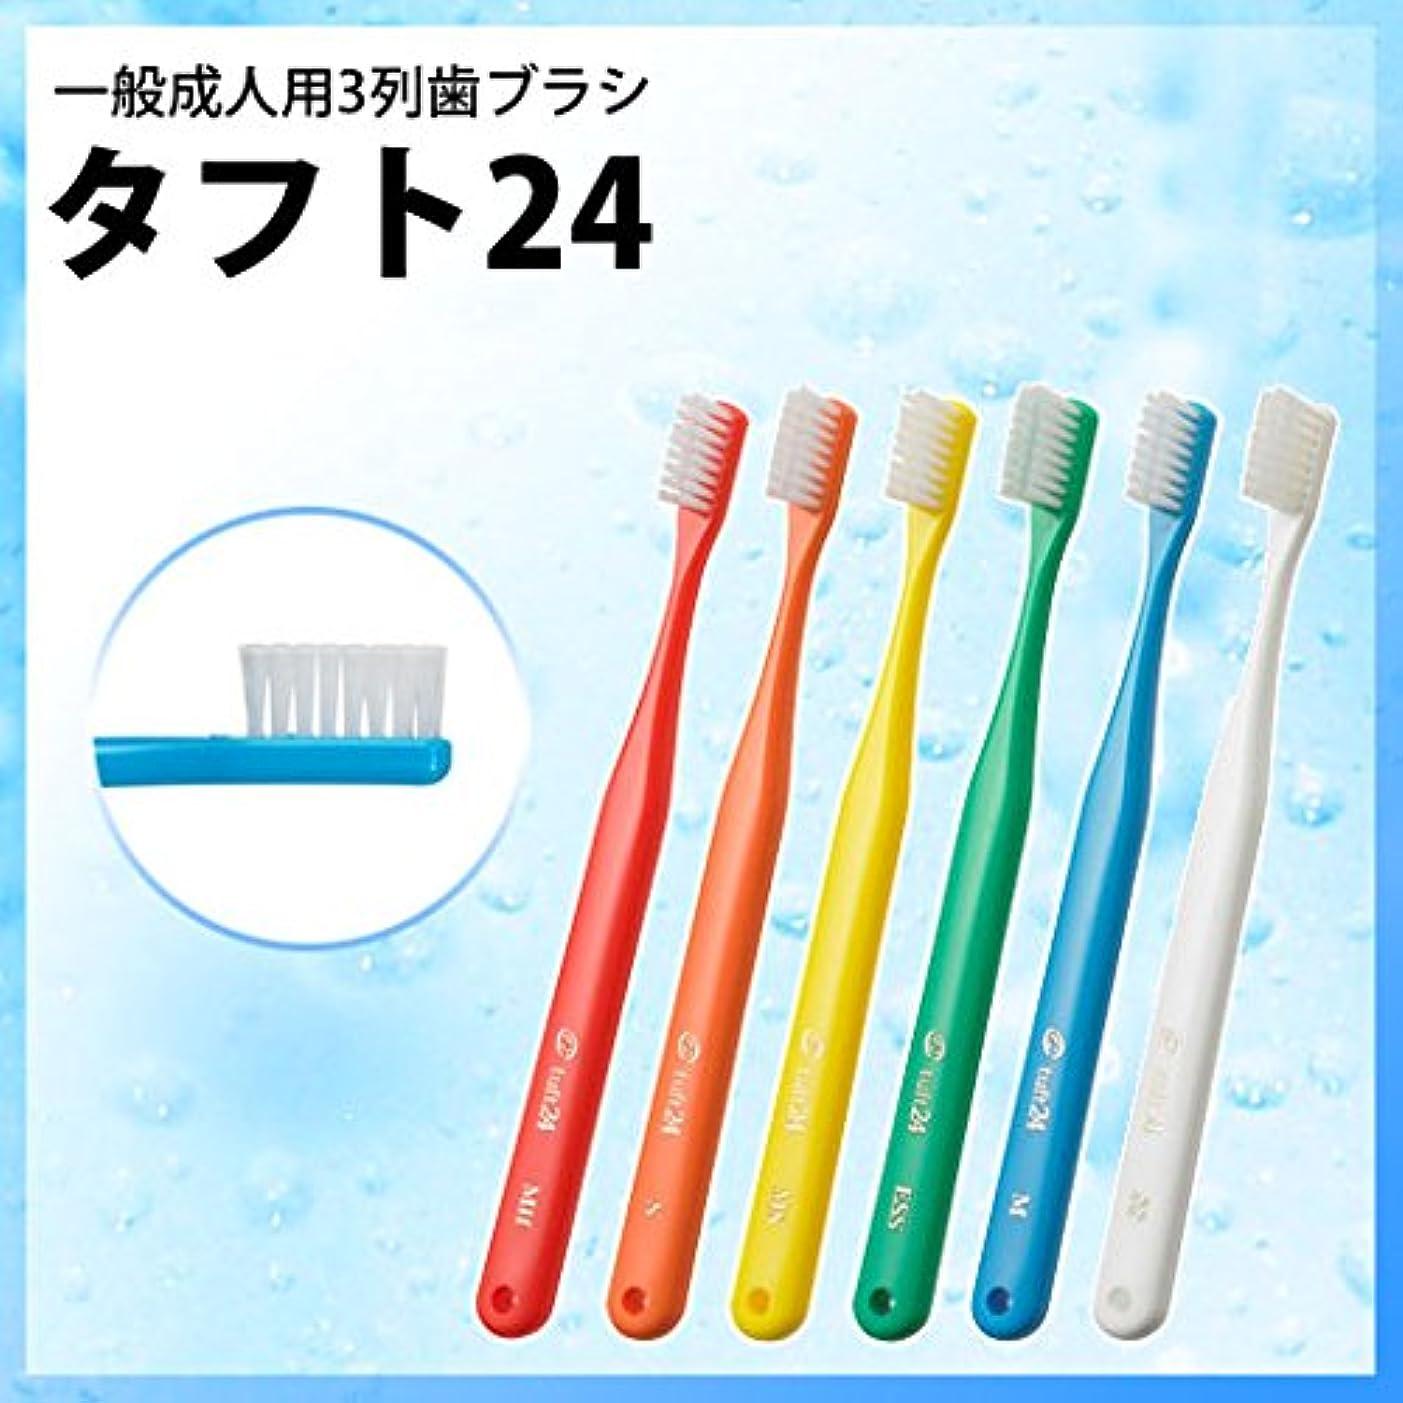 先例影響力のある勧めるタフト24 歯ブラシ 5本セット SS キャップなし (オレンジ)